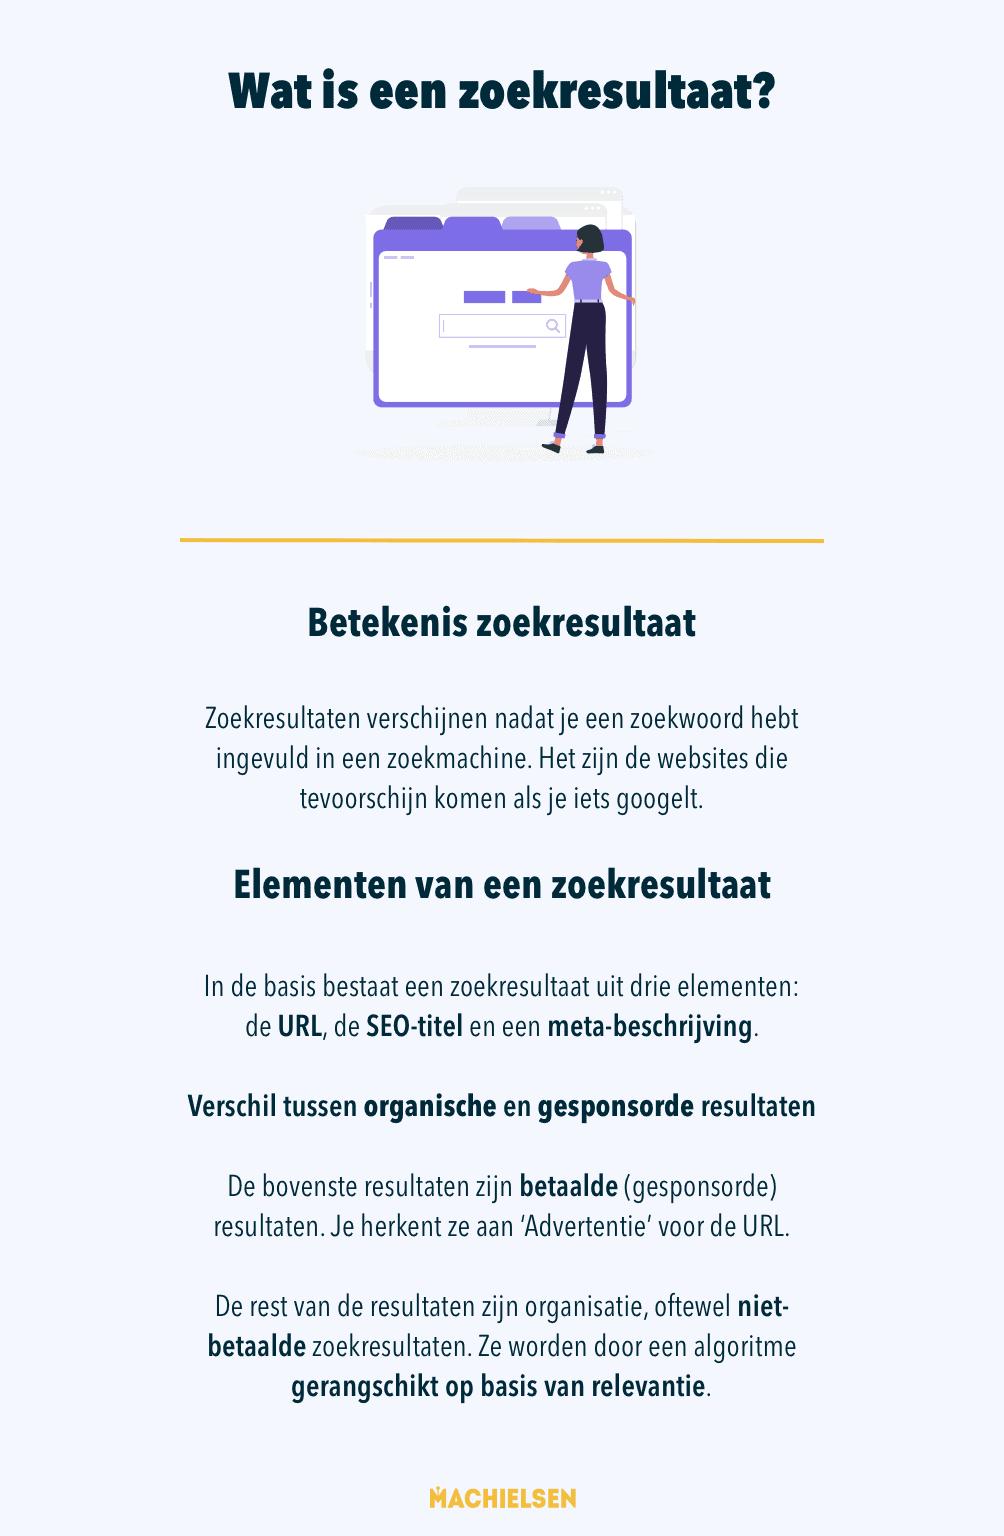 infographic wat is een zoekresultaat